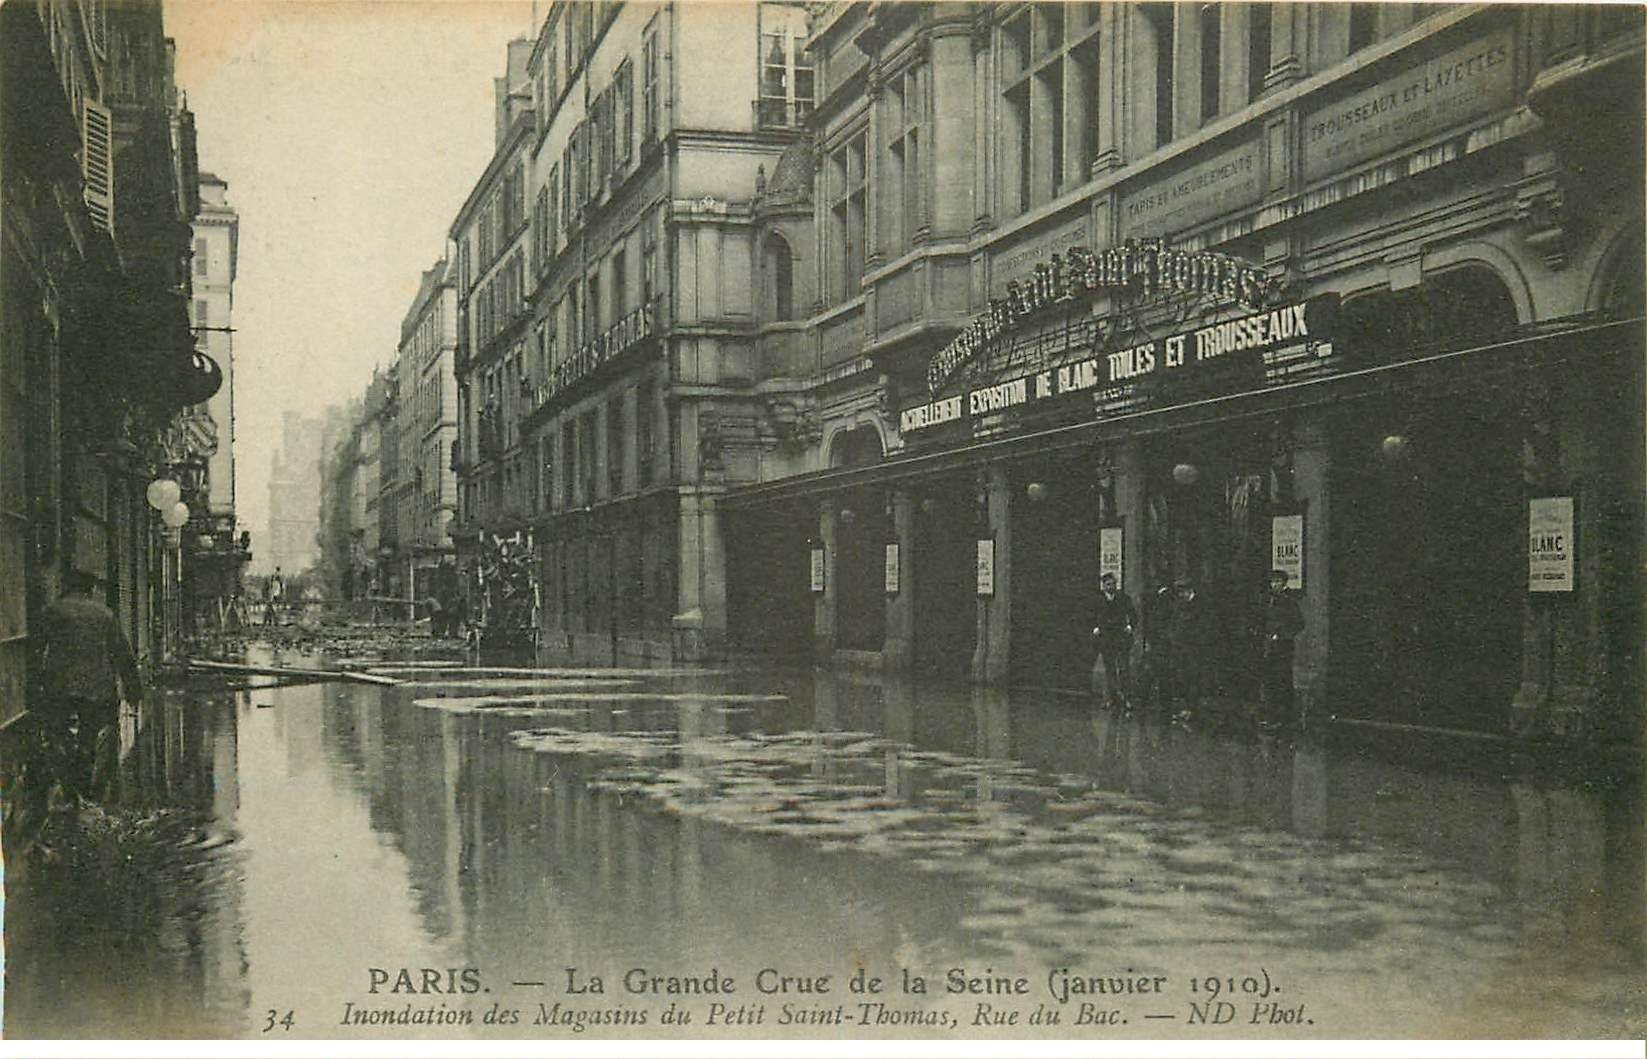 INONDATION ET CRUE PARIS 1910. Rue du Bac Magasins du Petit Saint-Thomas